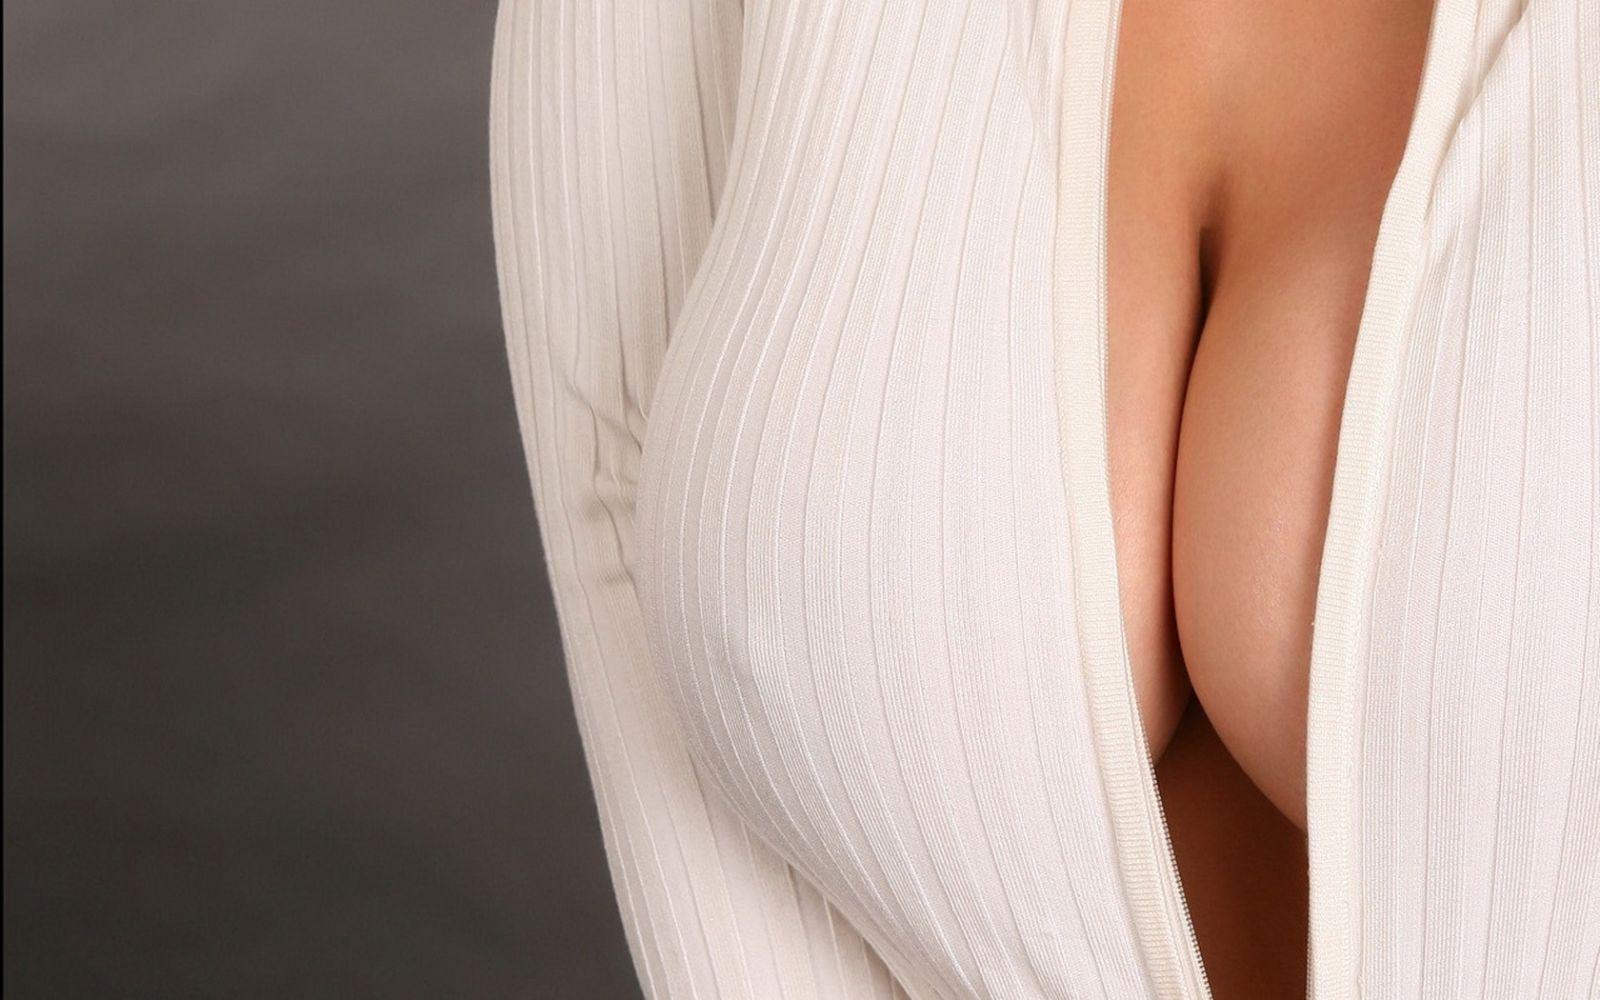 Типы женской груди фотографии 10 фотография